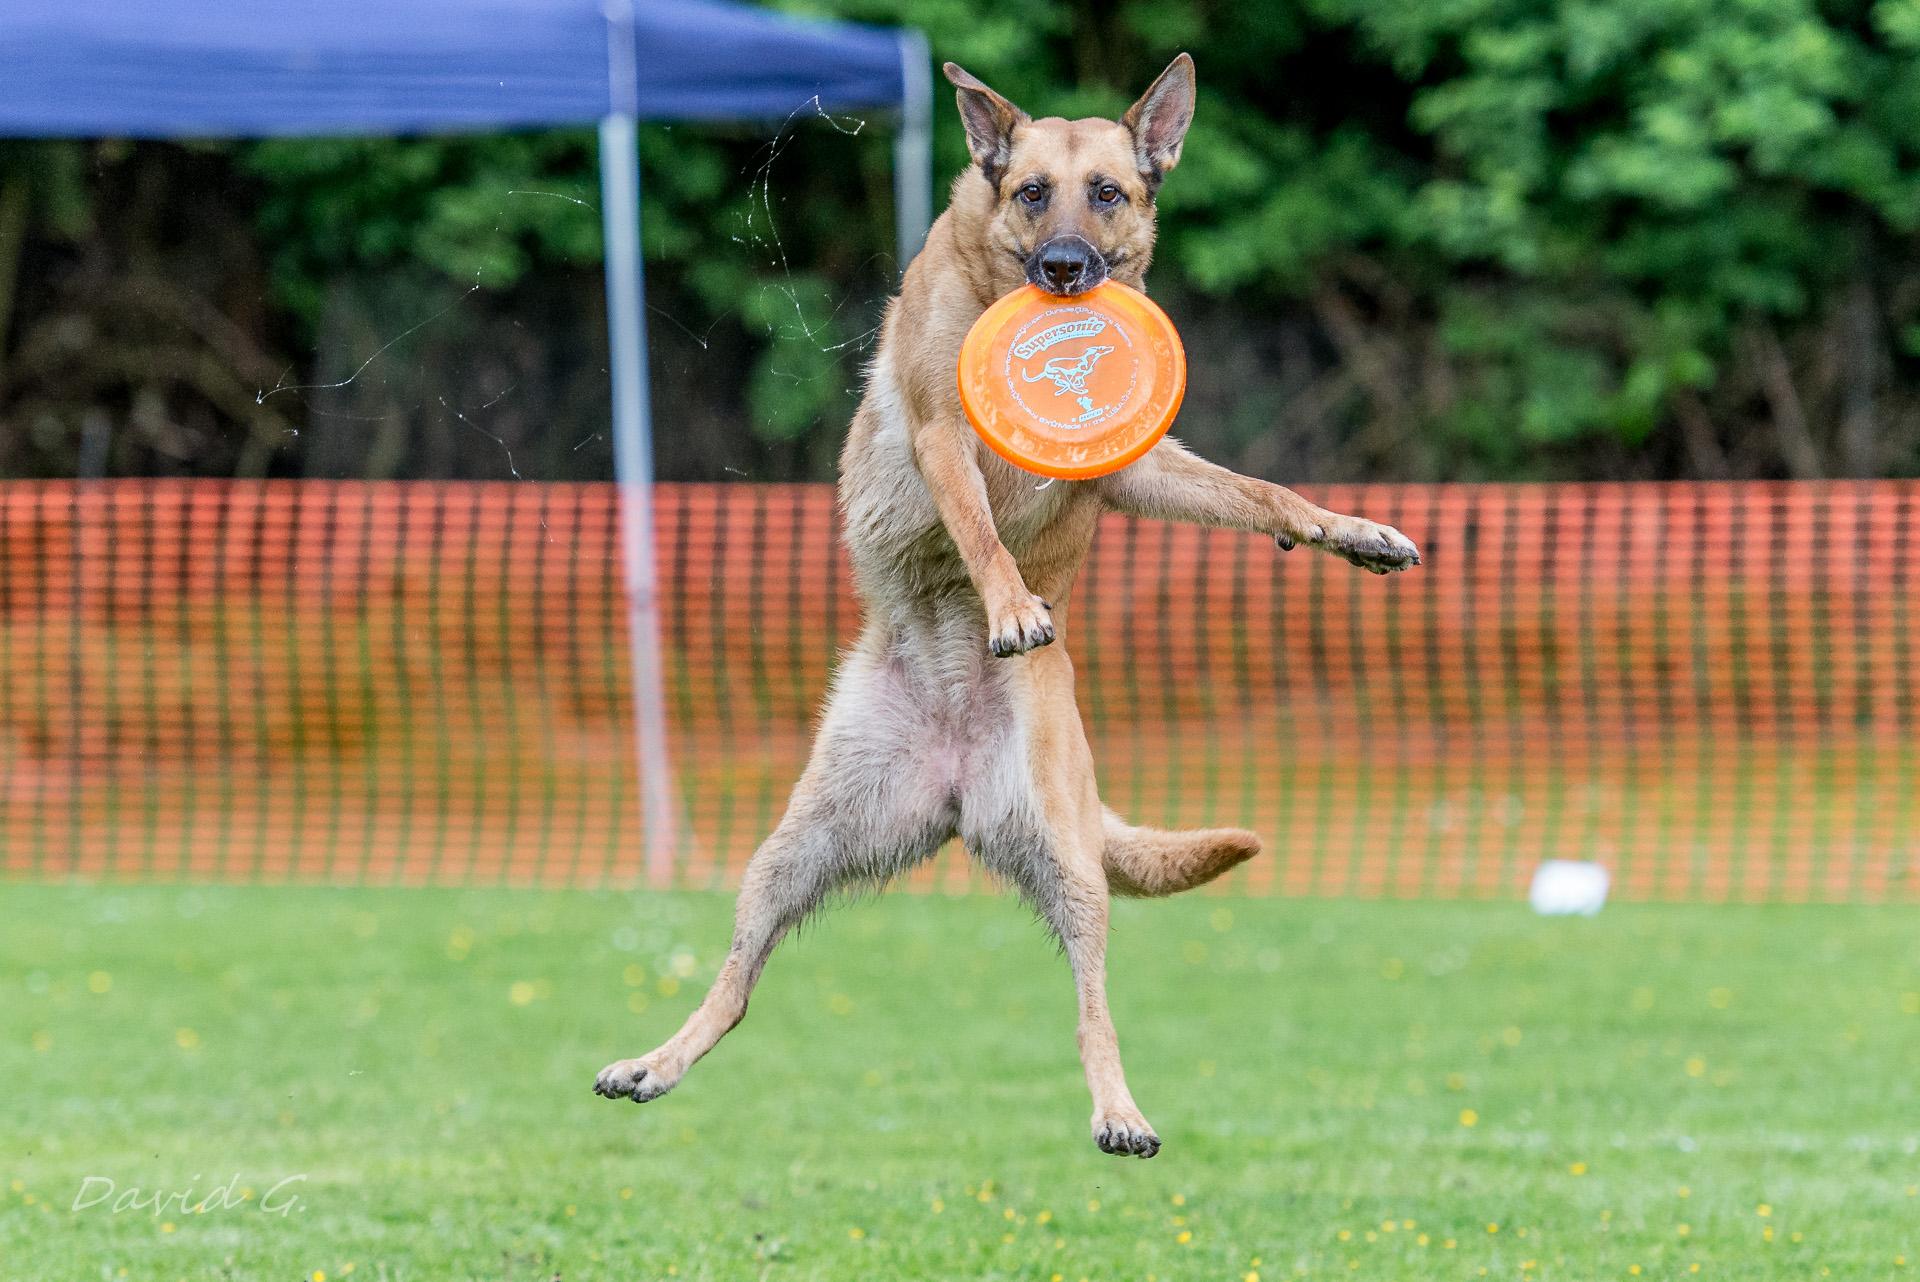 Hund fängt Frisbee bei Dog-Frisbee Event in Köln